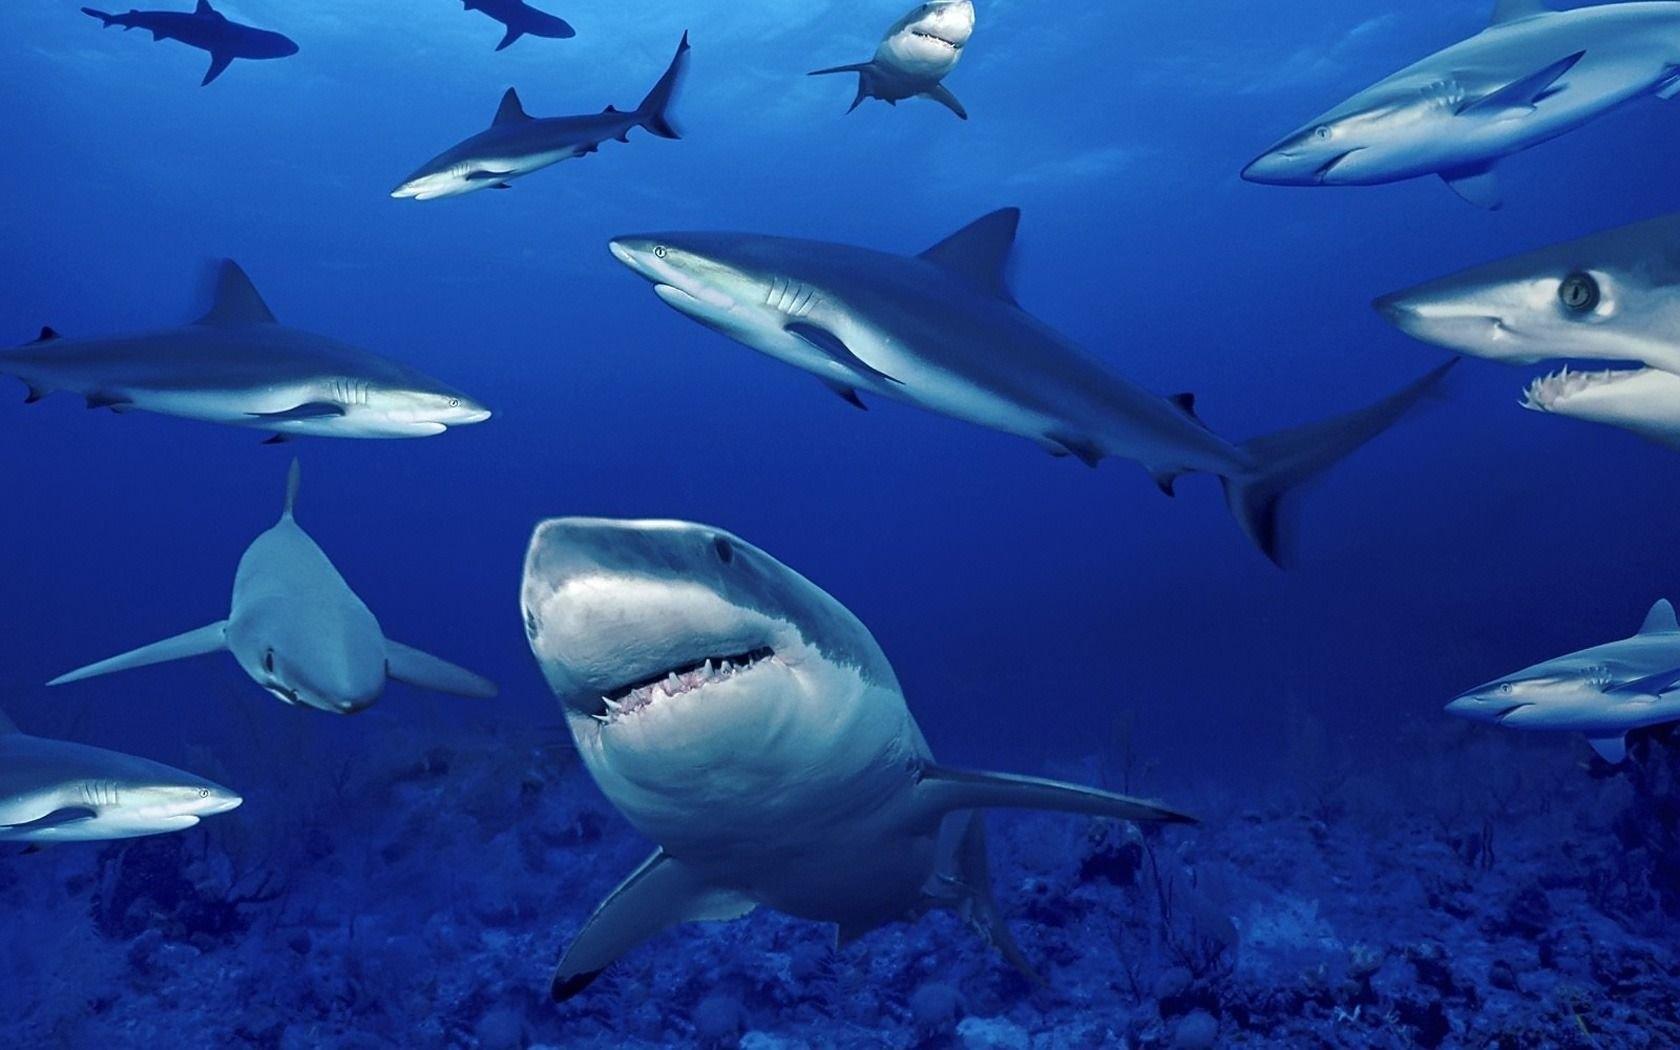 Картинки на телефон акула   подборка (12)